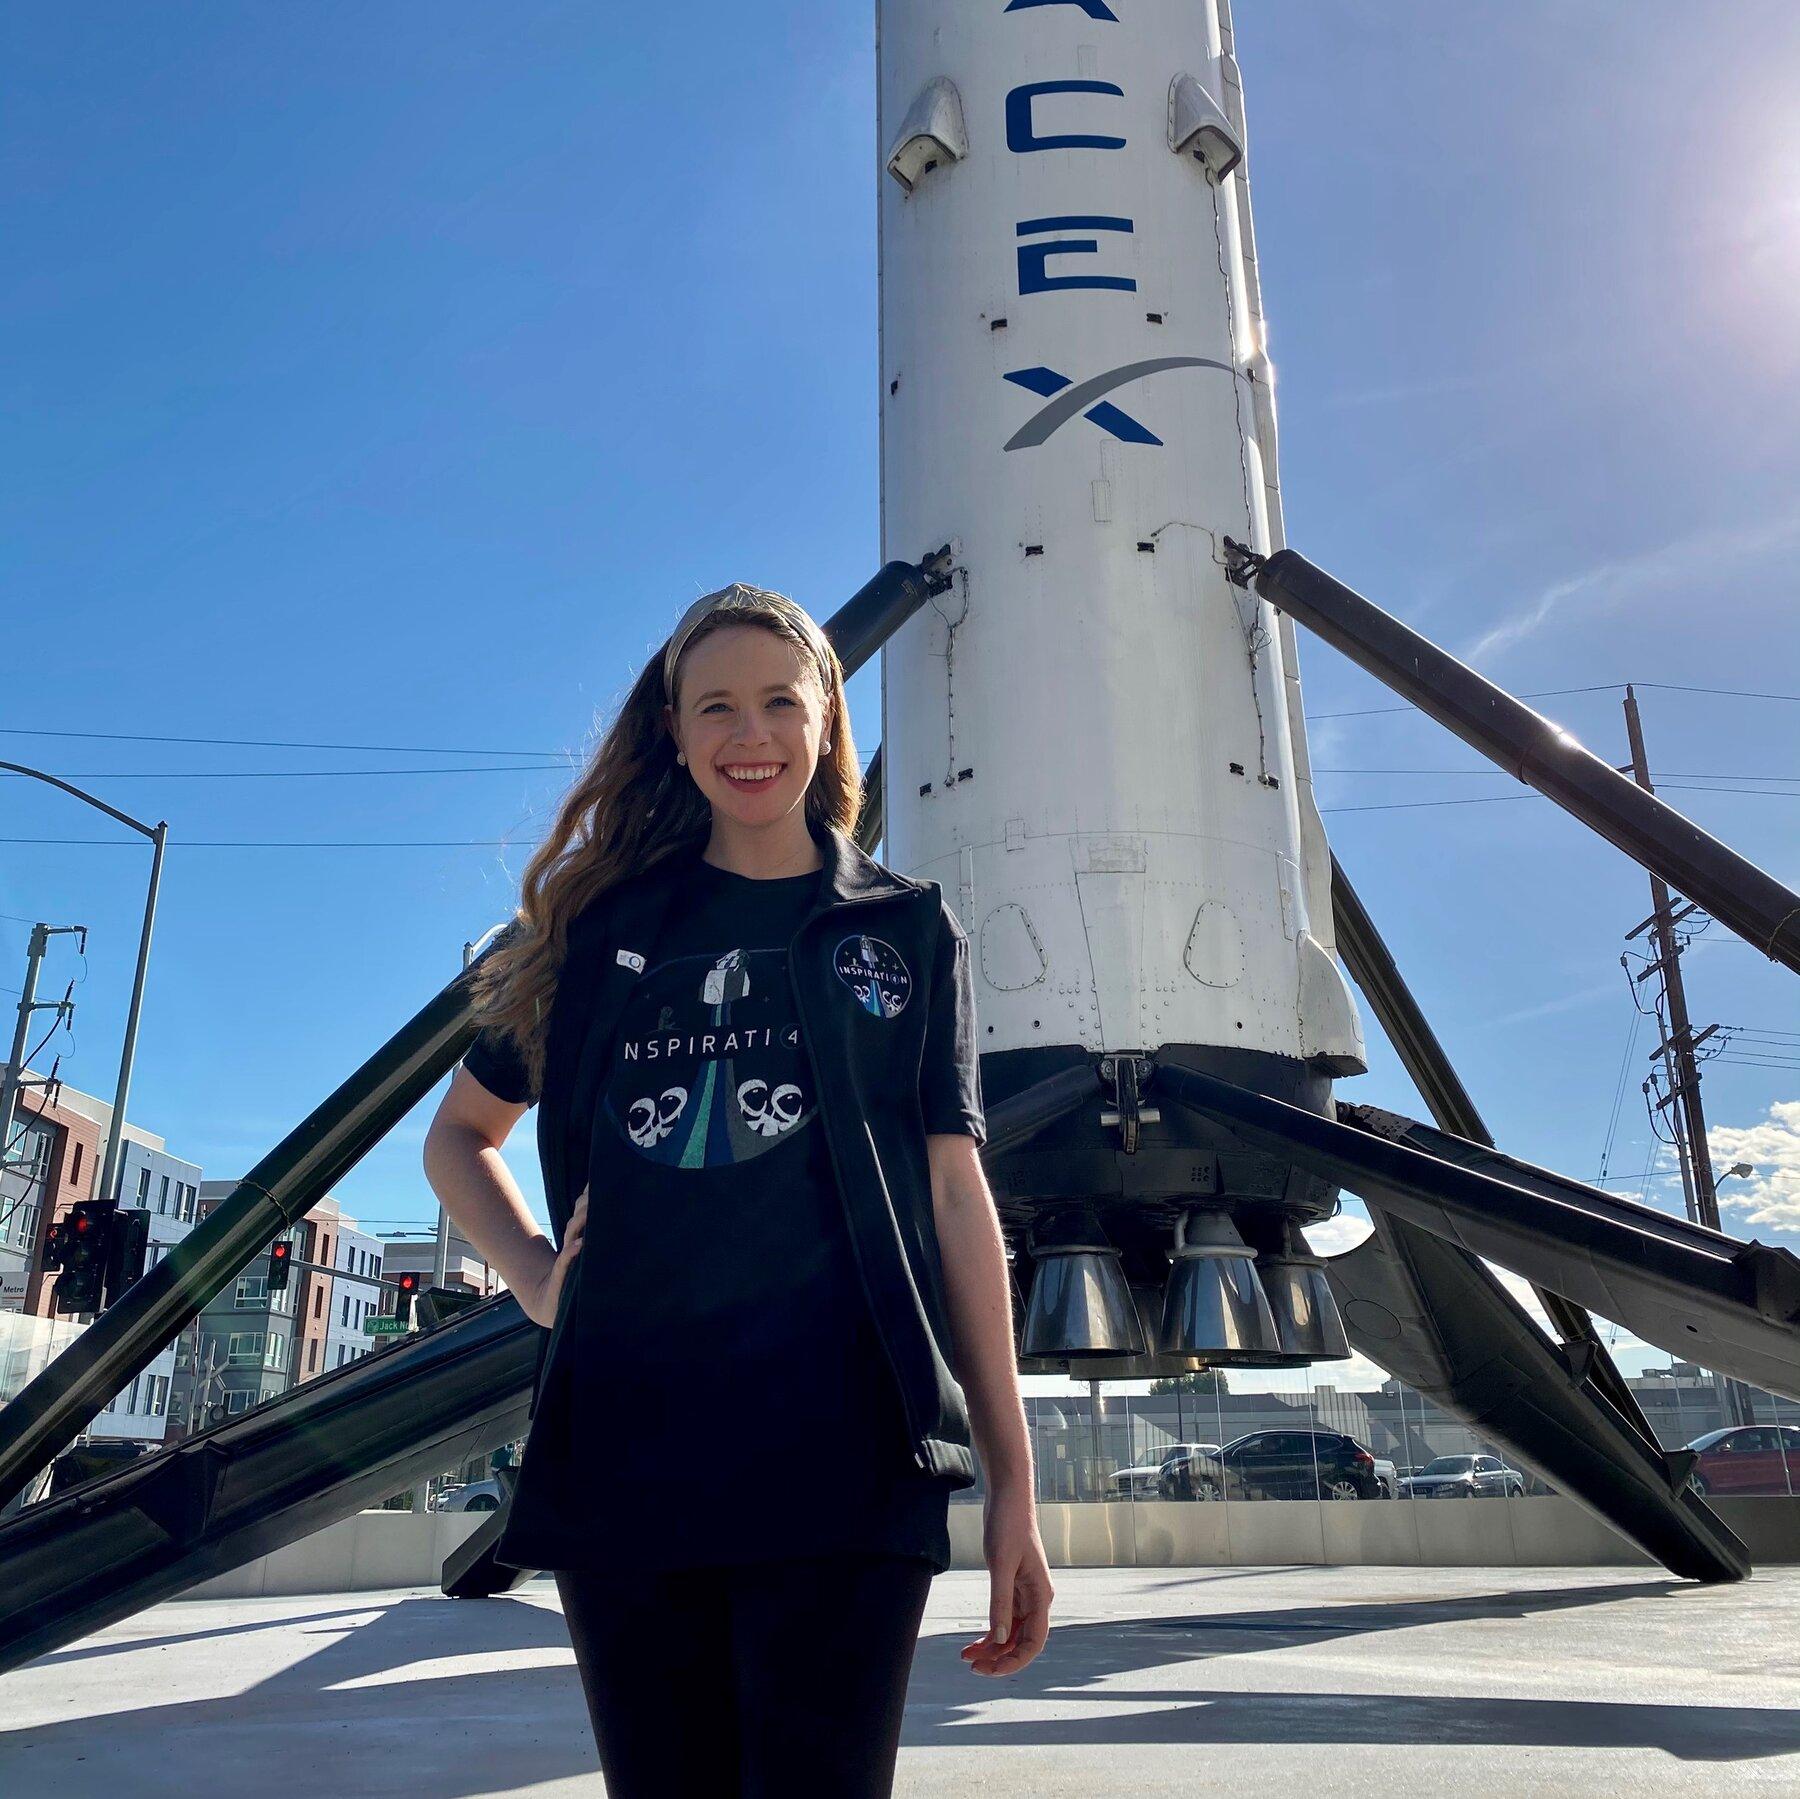 Вторым космическим туристом SpaceX стала 29-летняя американка, пережившая рак